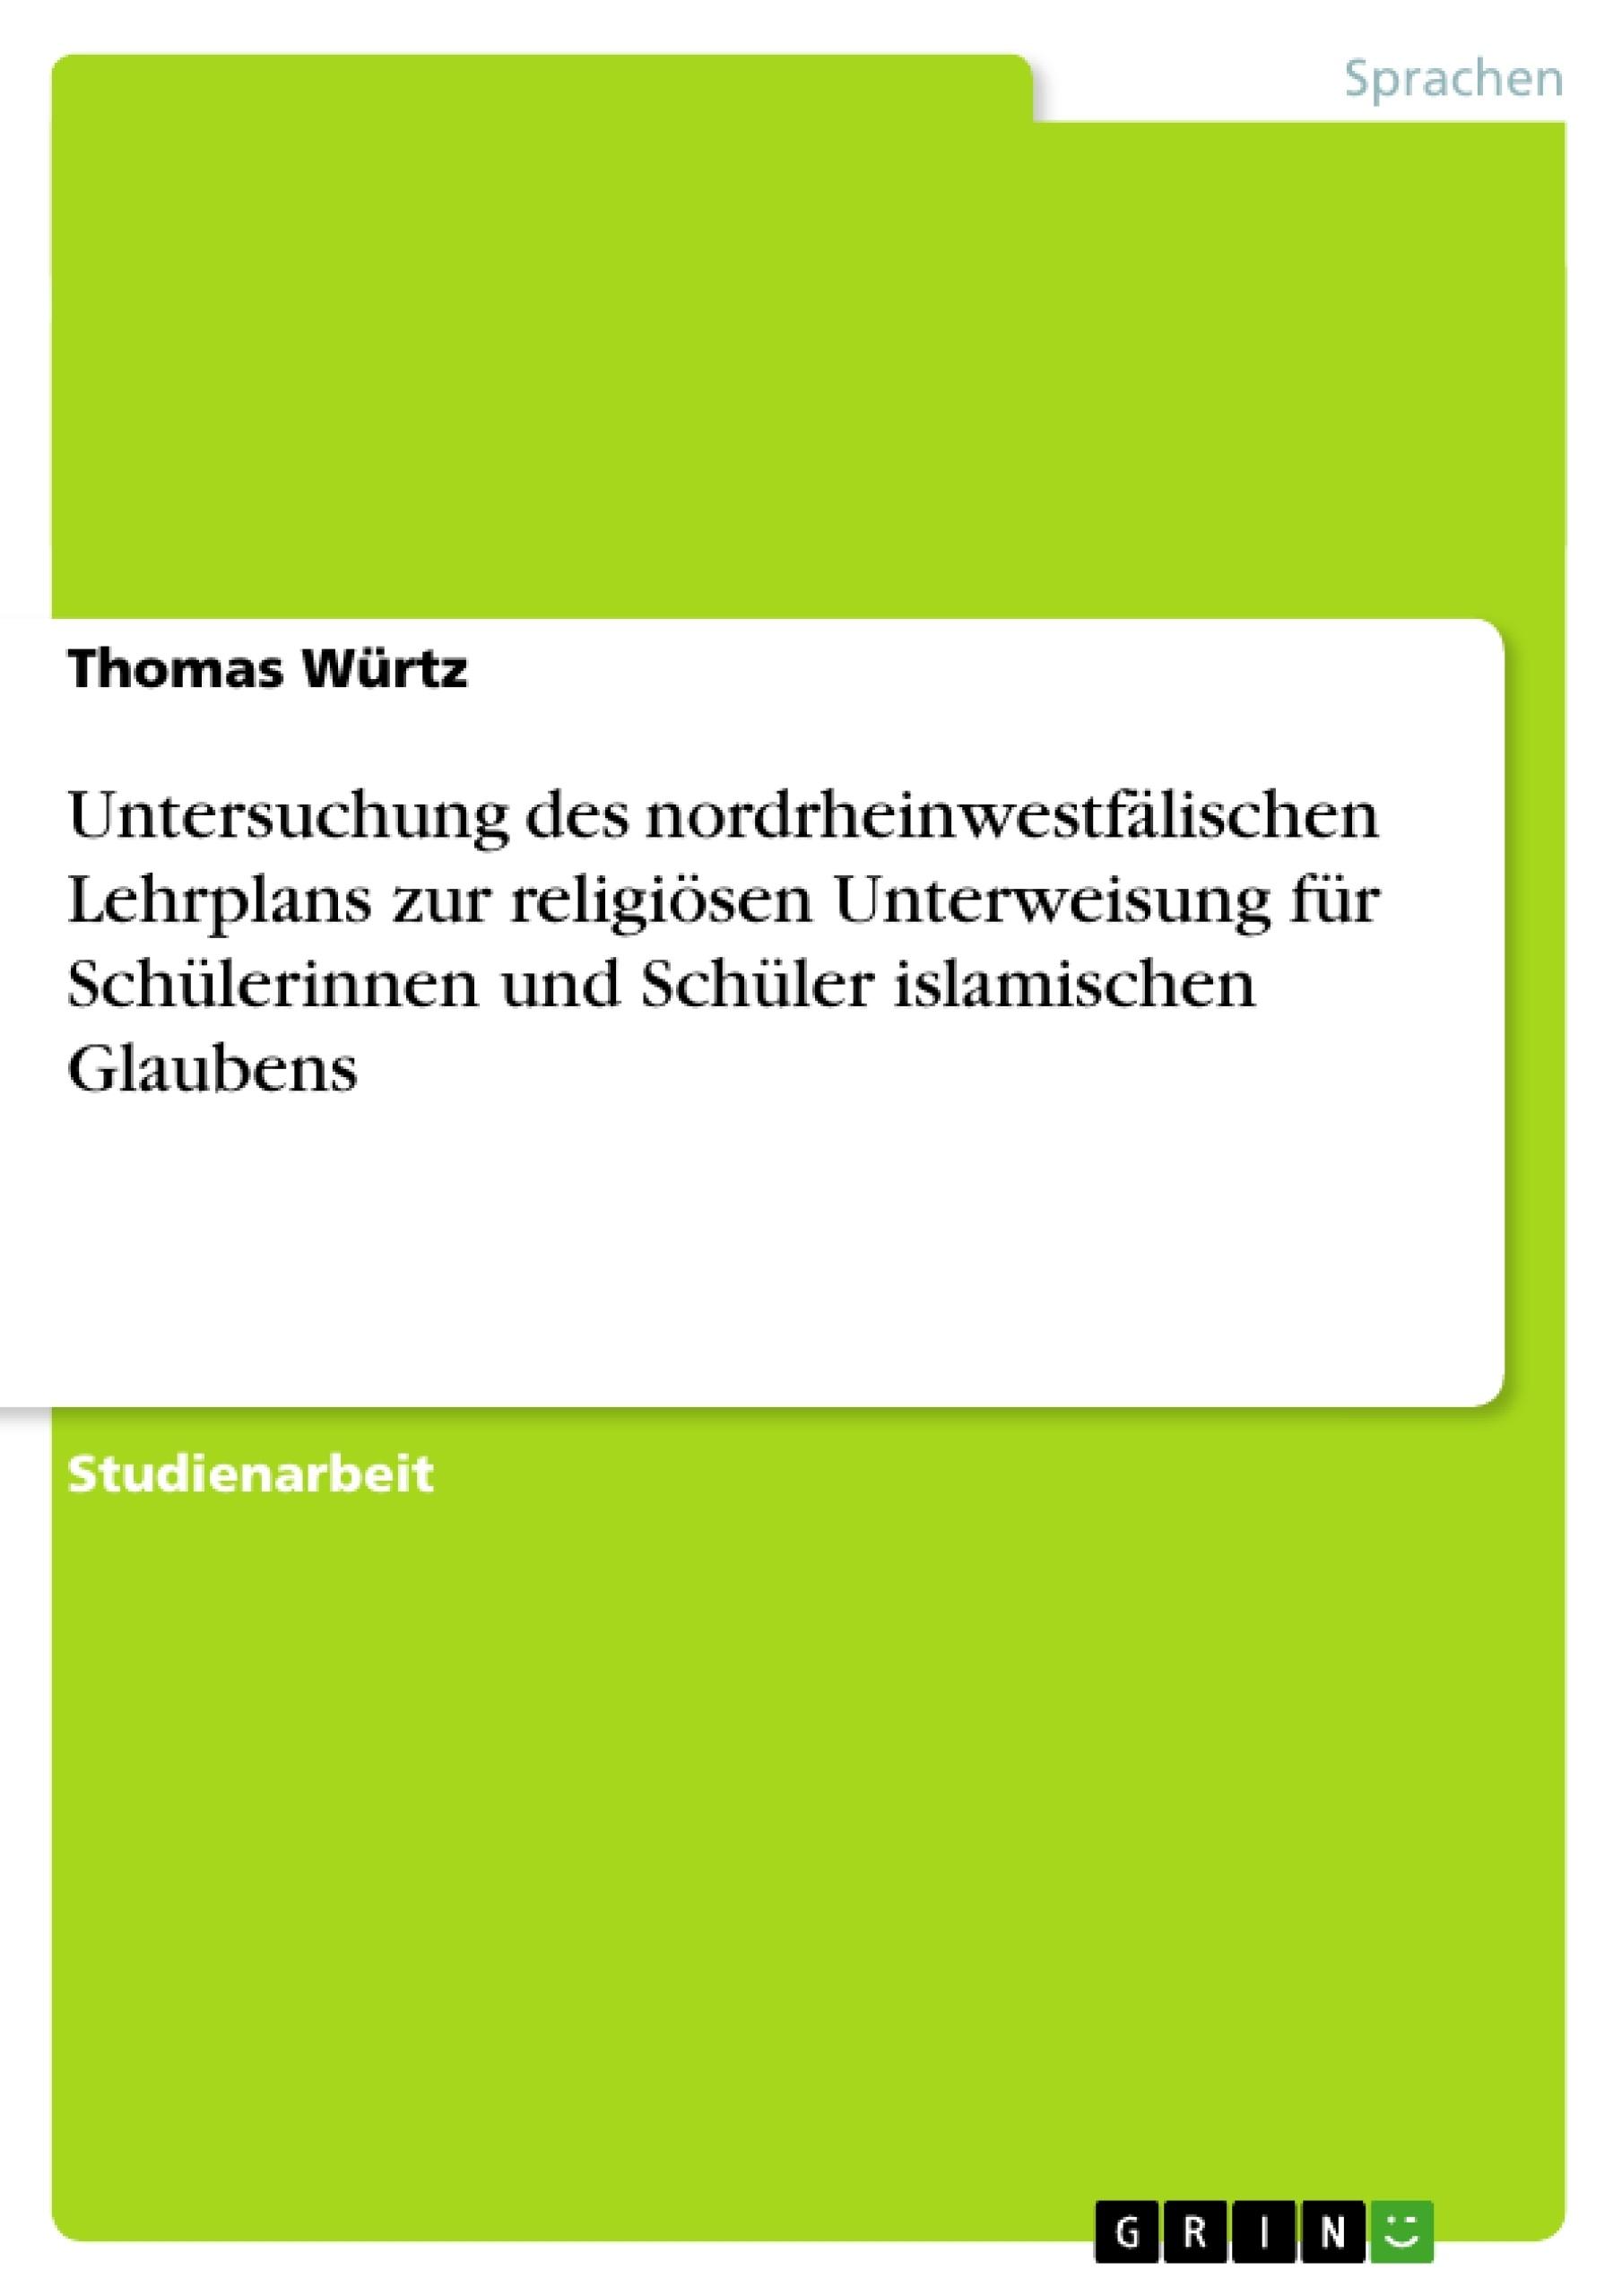 Titel: Untersuchung des nordrheinwestfälischen Lehrplans zur religiösen Unterweisung für Schülerinnen und Schüler islamischen Glaubens